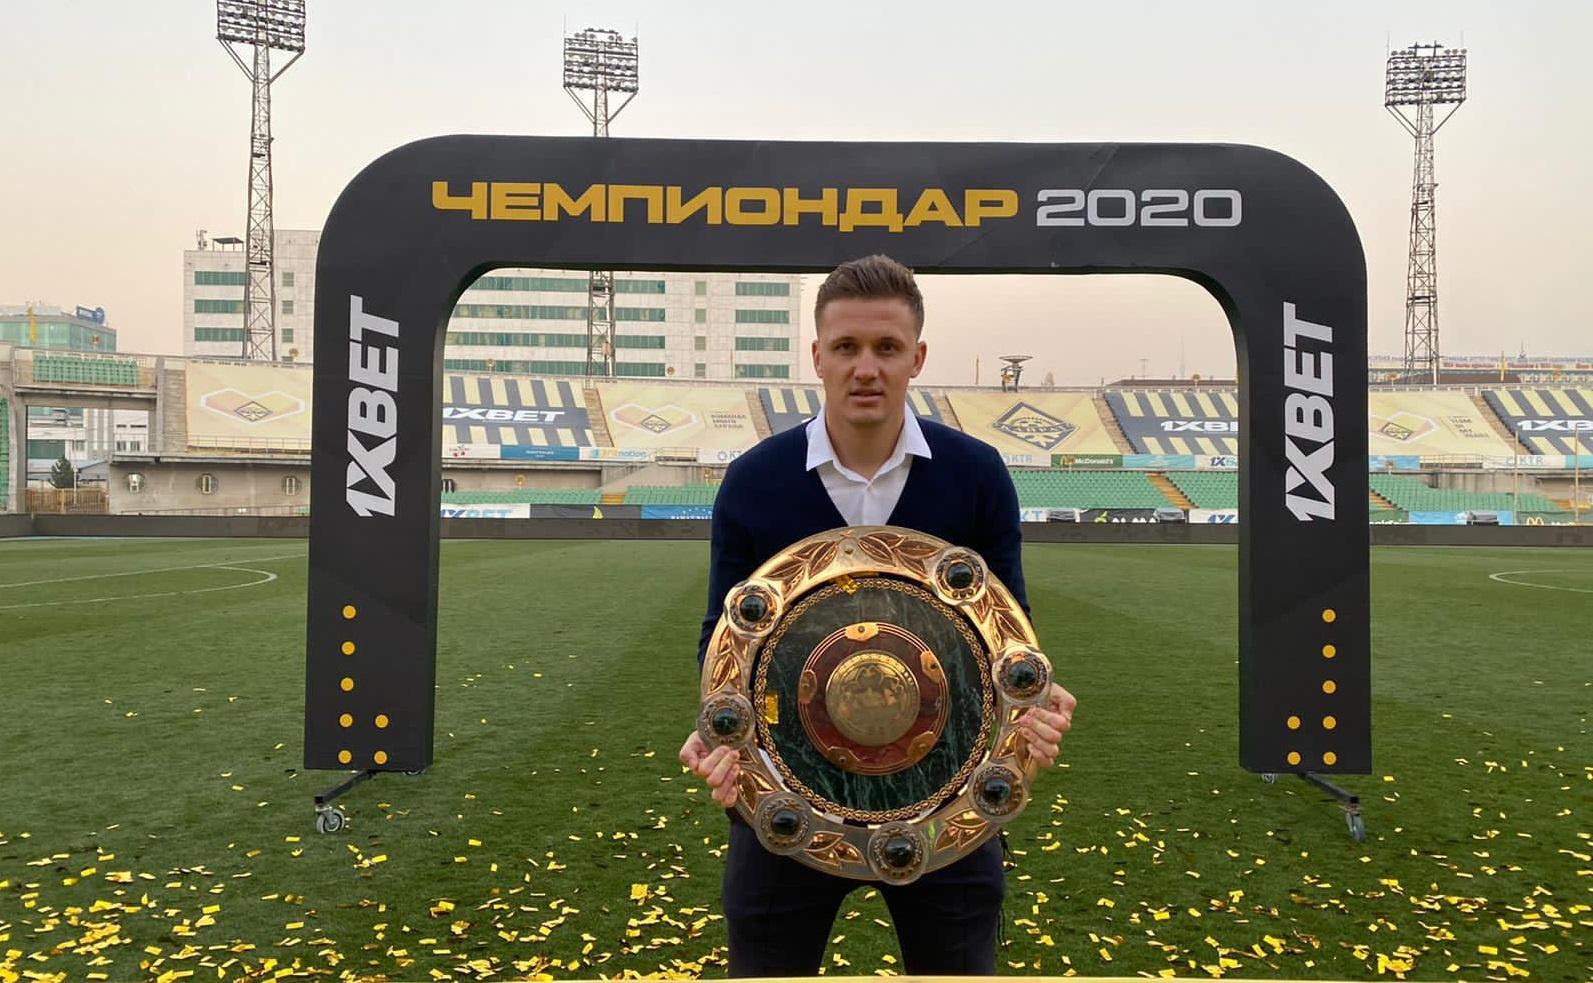 Наставник «Кайрата» признан лучшим тренером Премьер-лиги сезона-2020